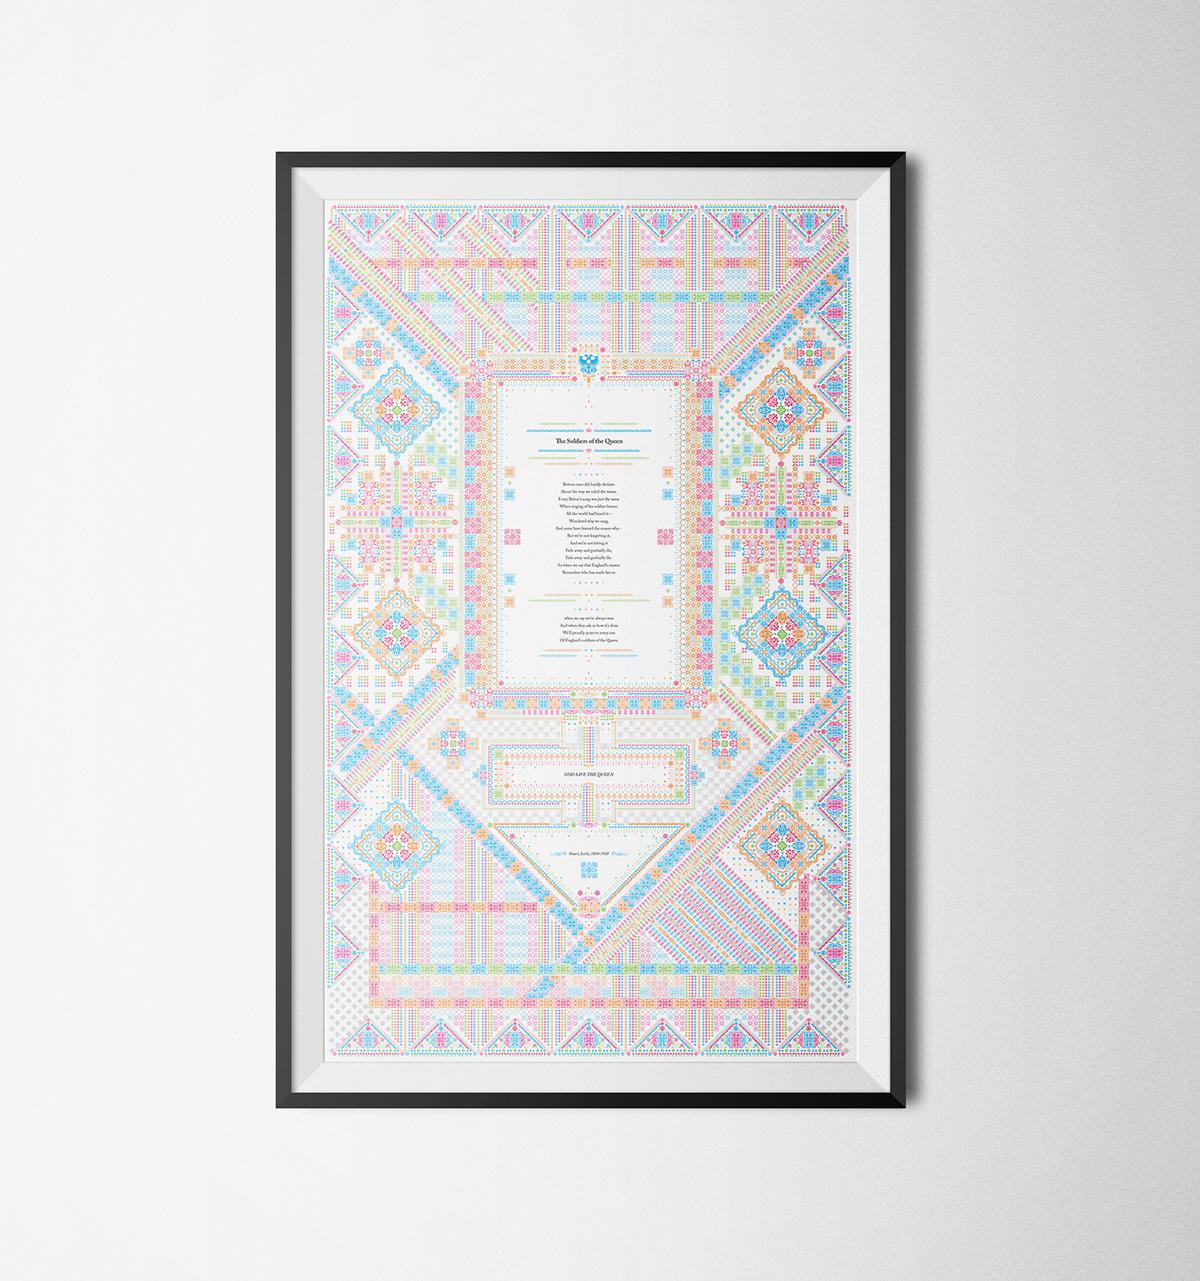 ornament composition elements combination graphic poster Caslon glyphs grid pattern